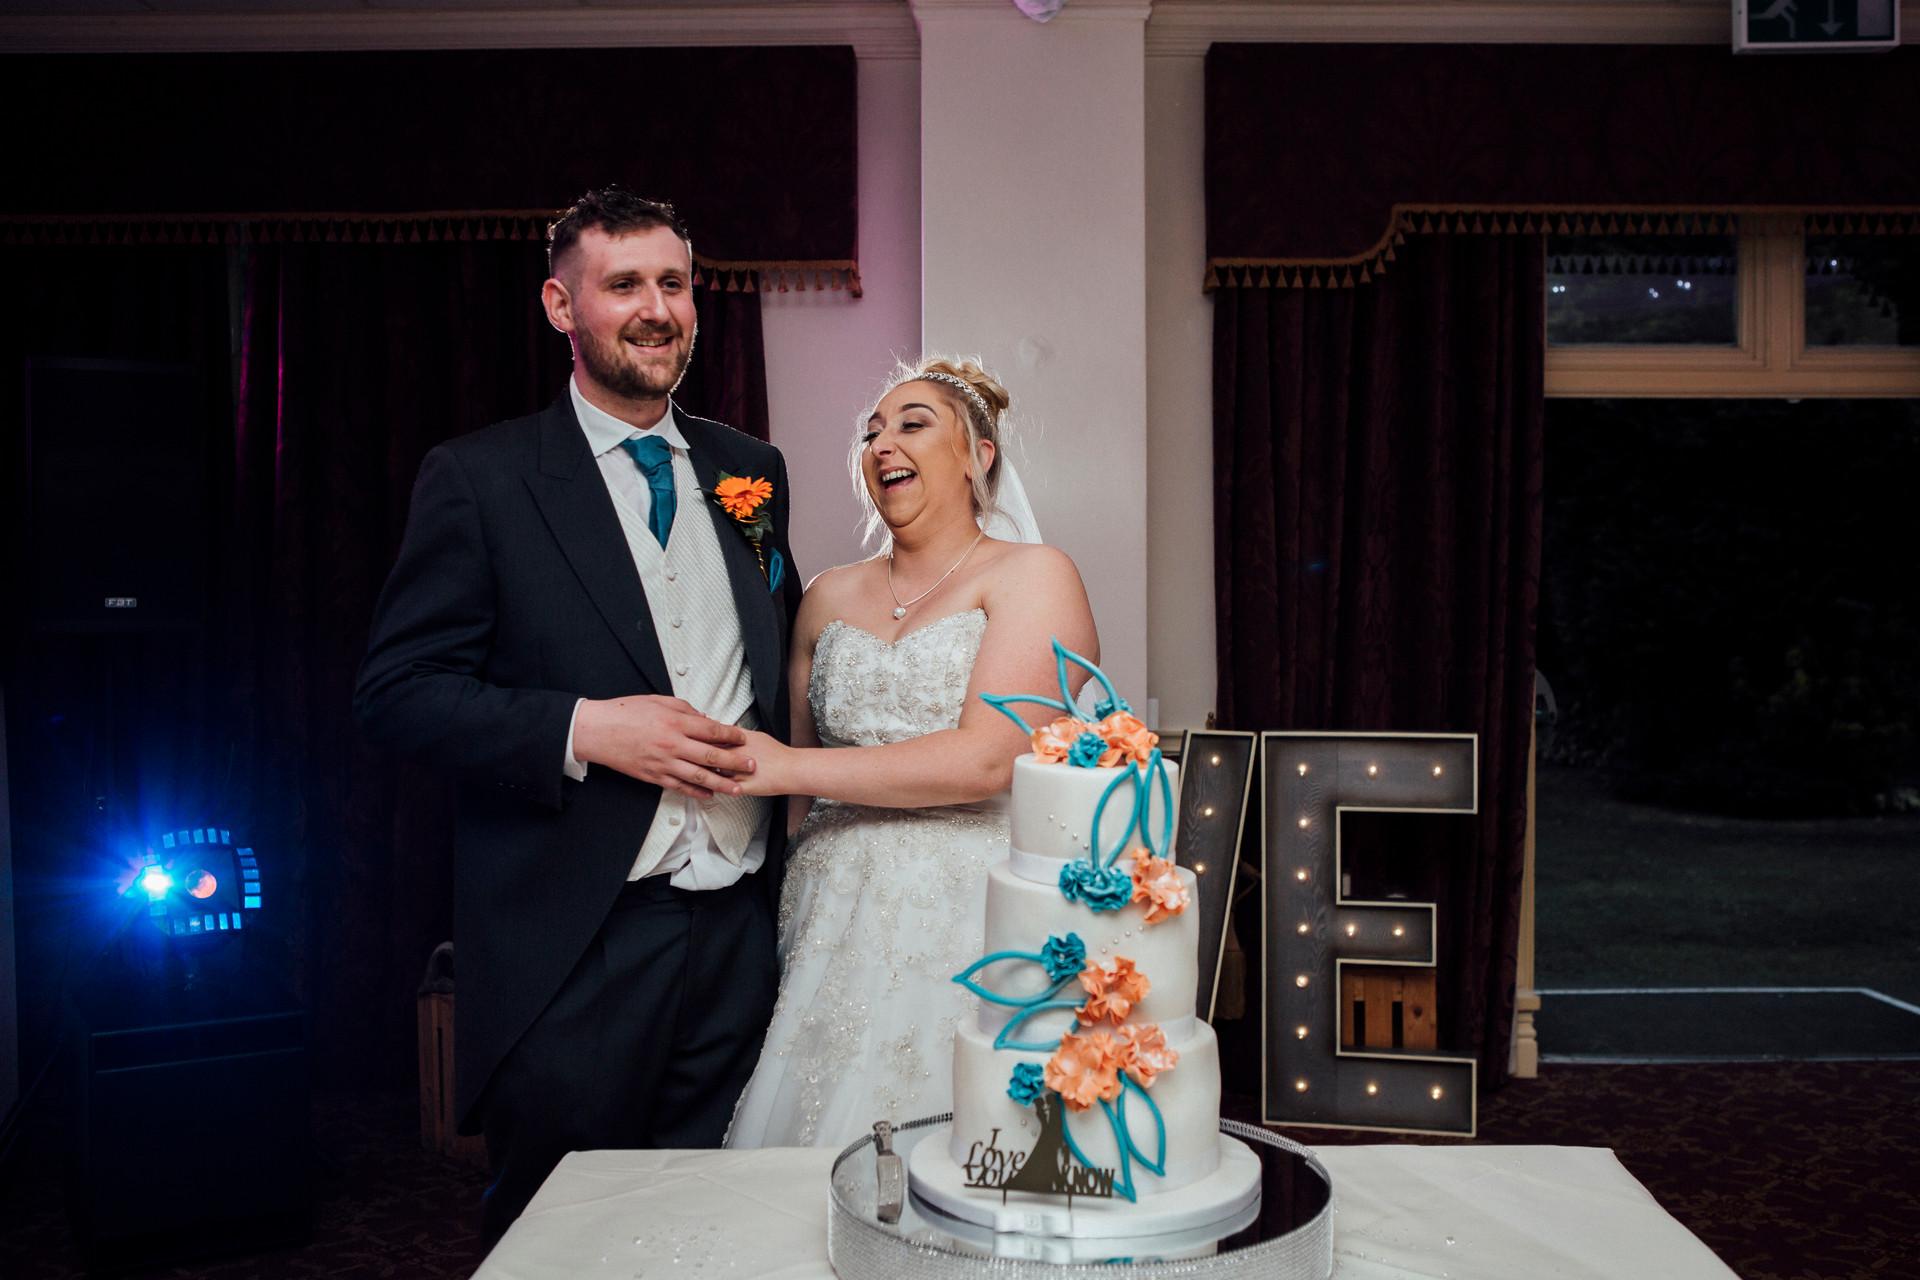 lancashire wedding photography cake cut